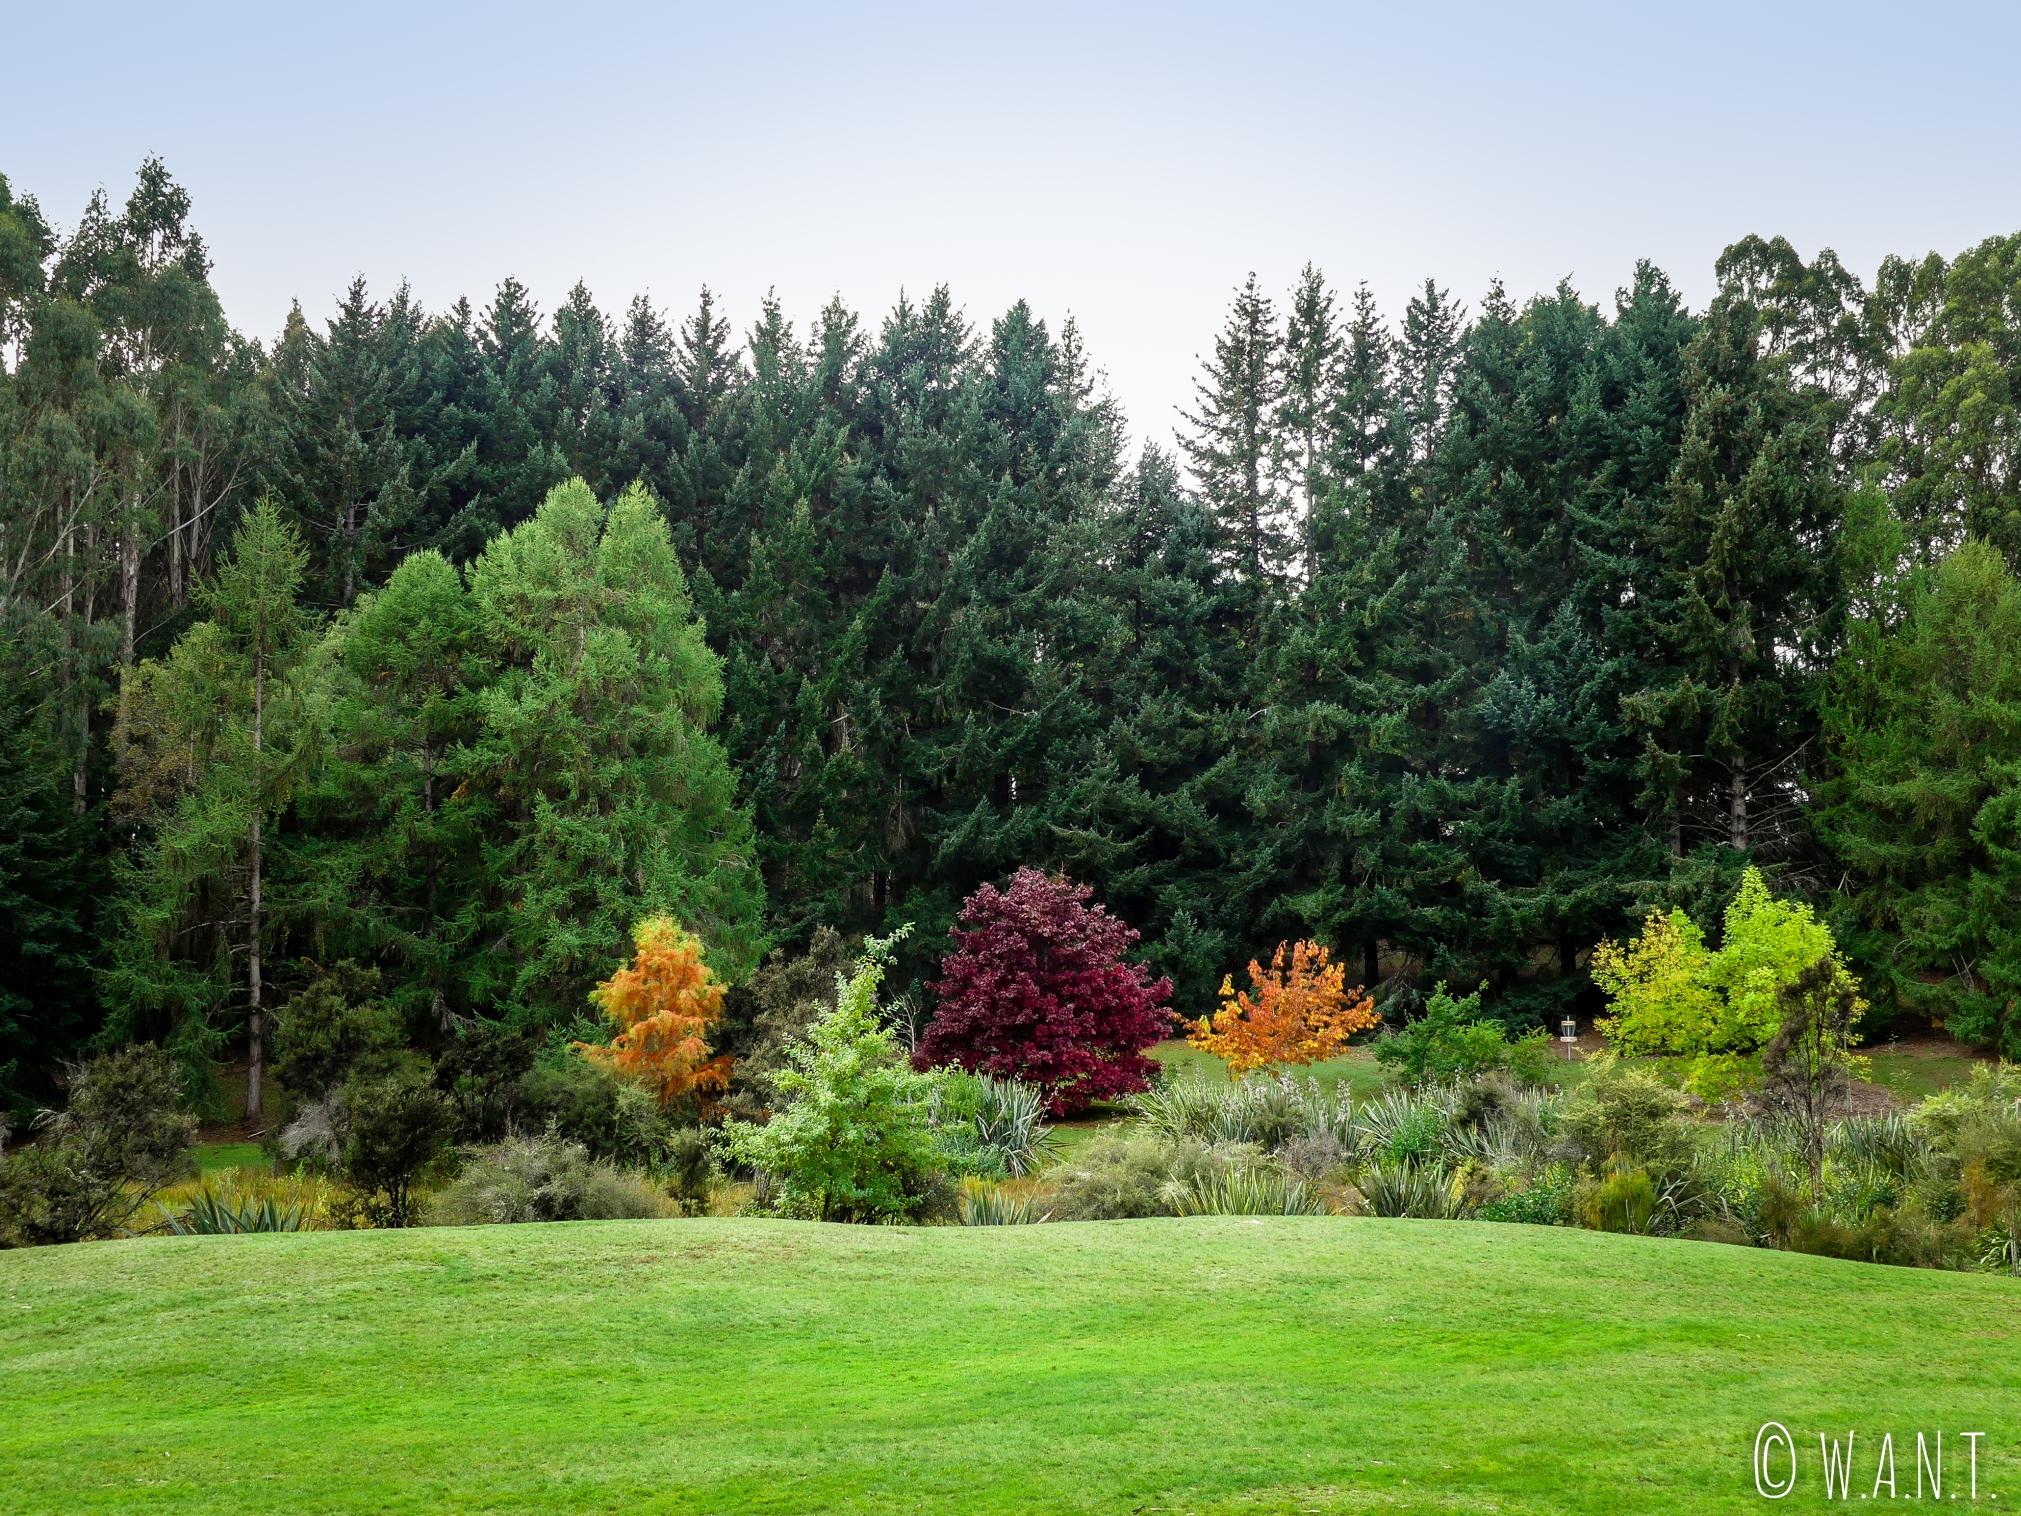 Le Ivon Wilson Park de Te Anau en Nouvelle-Zélande est un bel endroit où se promener